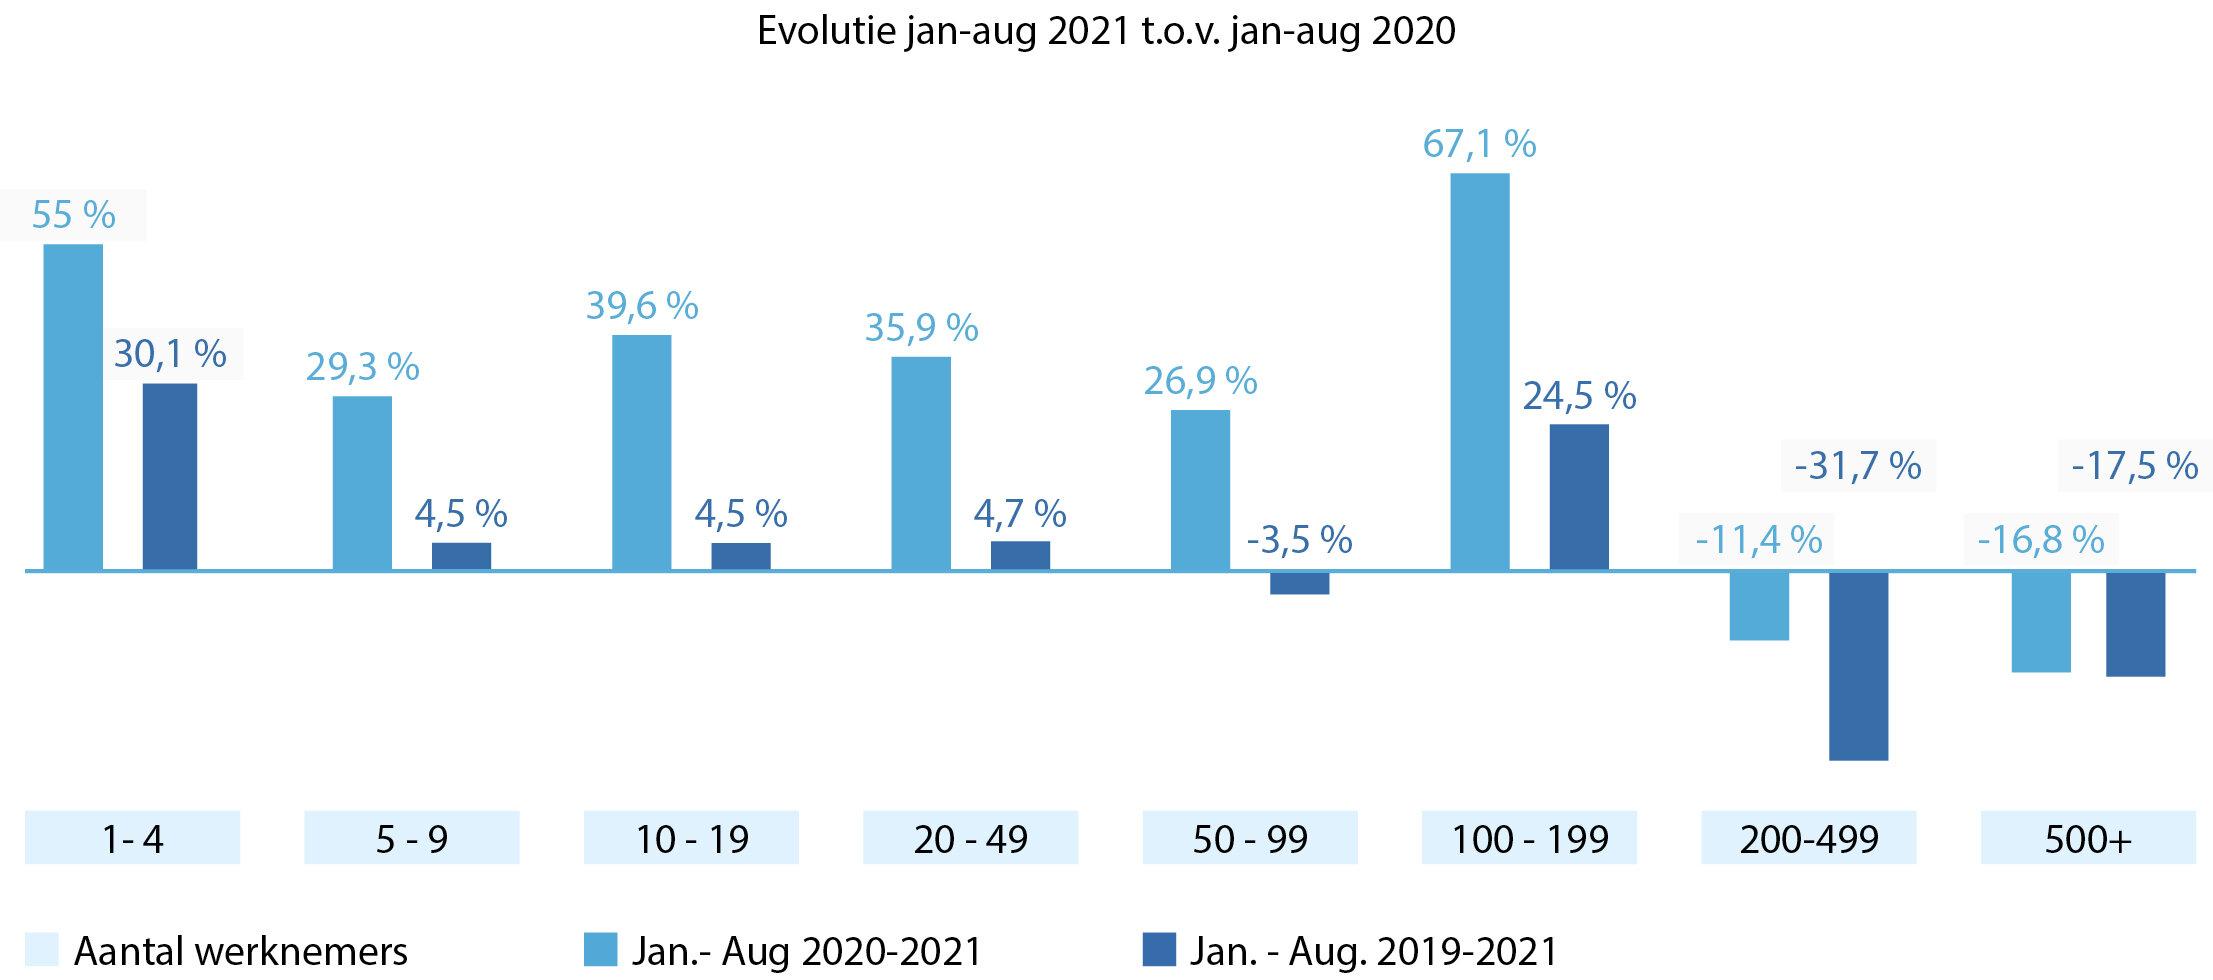 Evolutie contracten onbepaalde duur per grootte onderneming, in verhouding tot 2020 en 2019